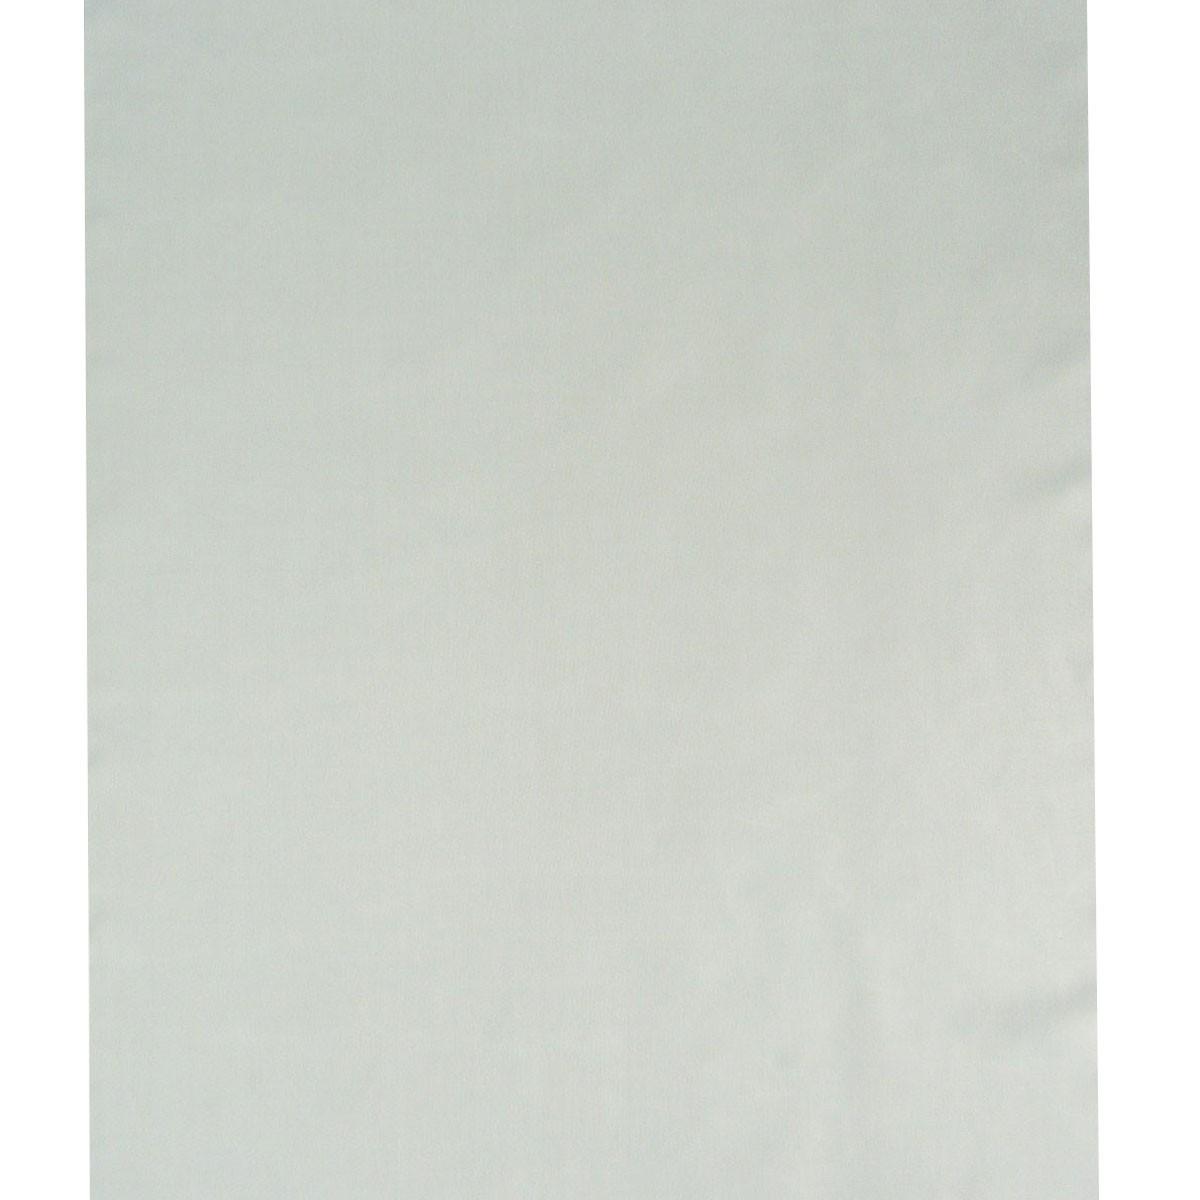 Gardine Paneele Schiebevorhang Meterware EVA weiß 60cm Breite